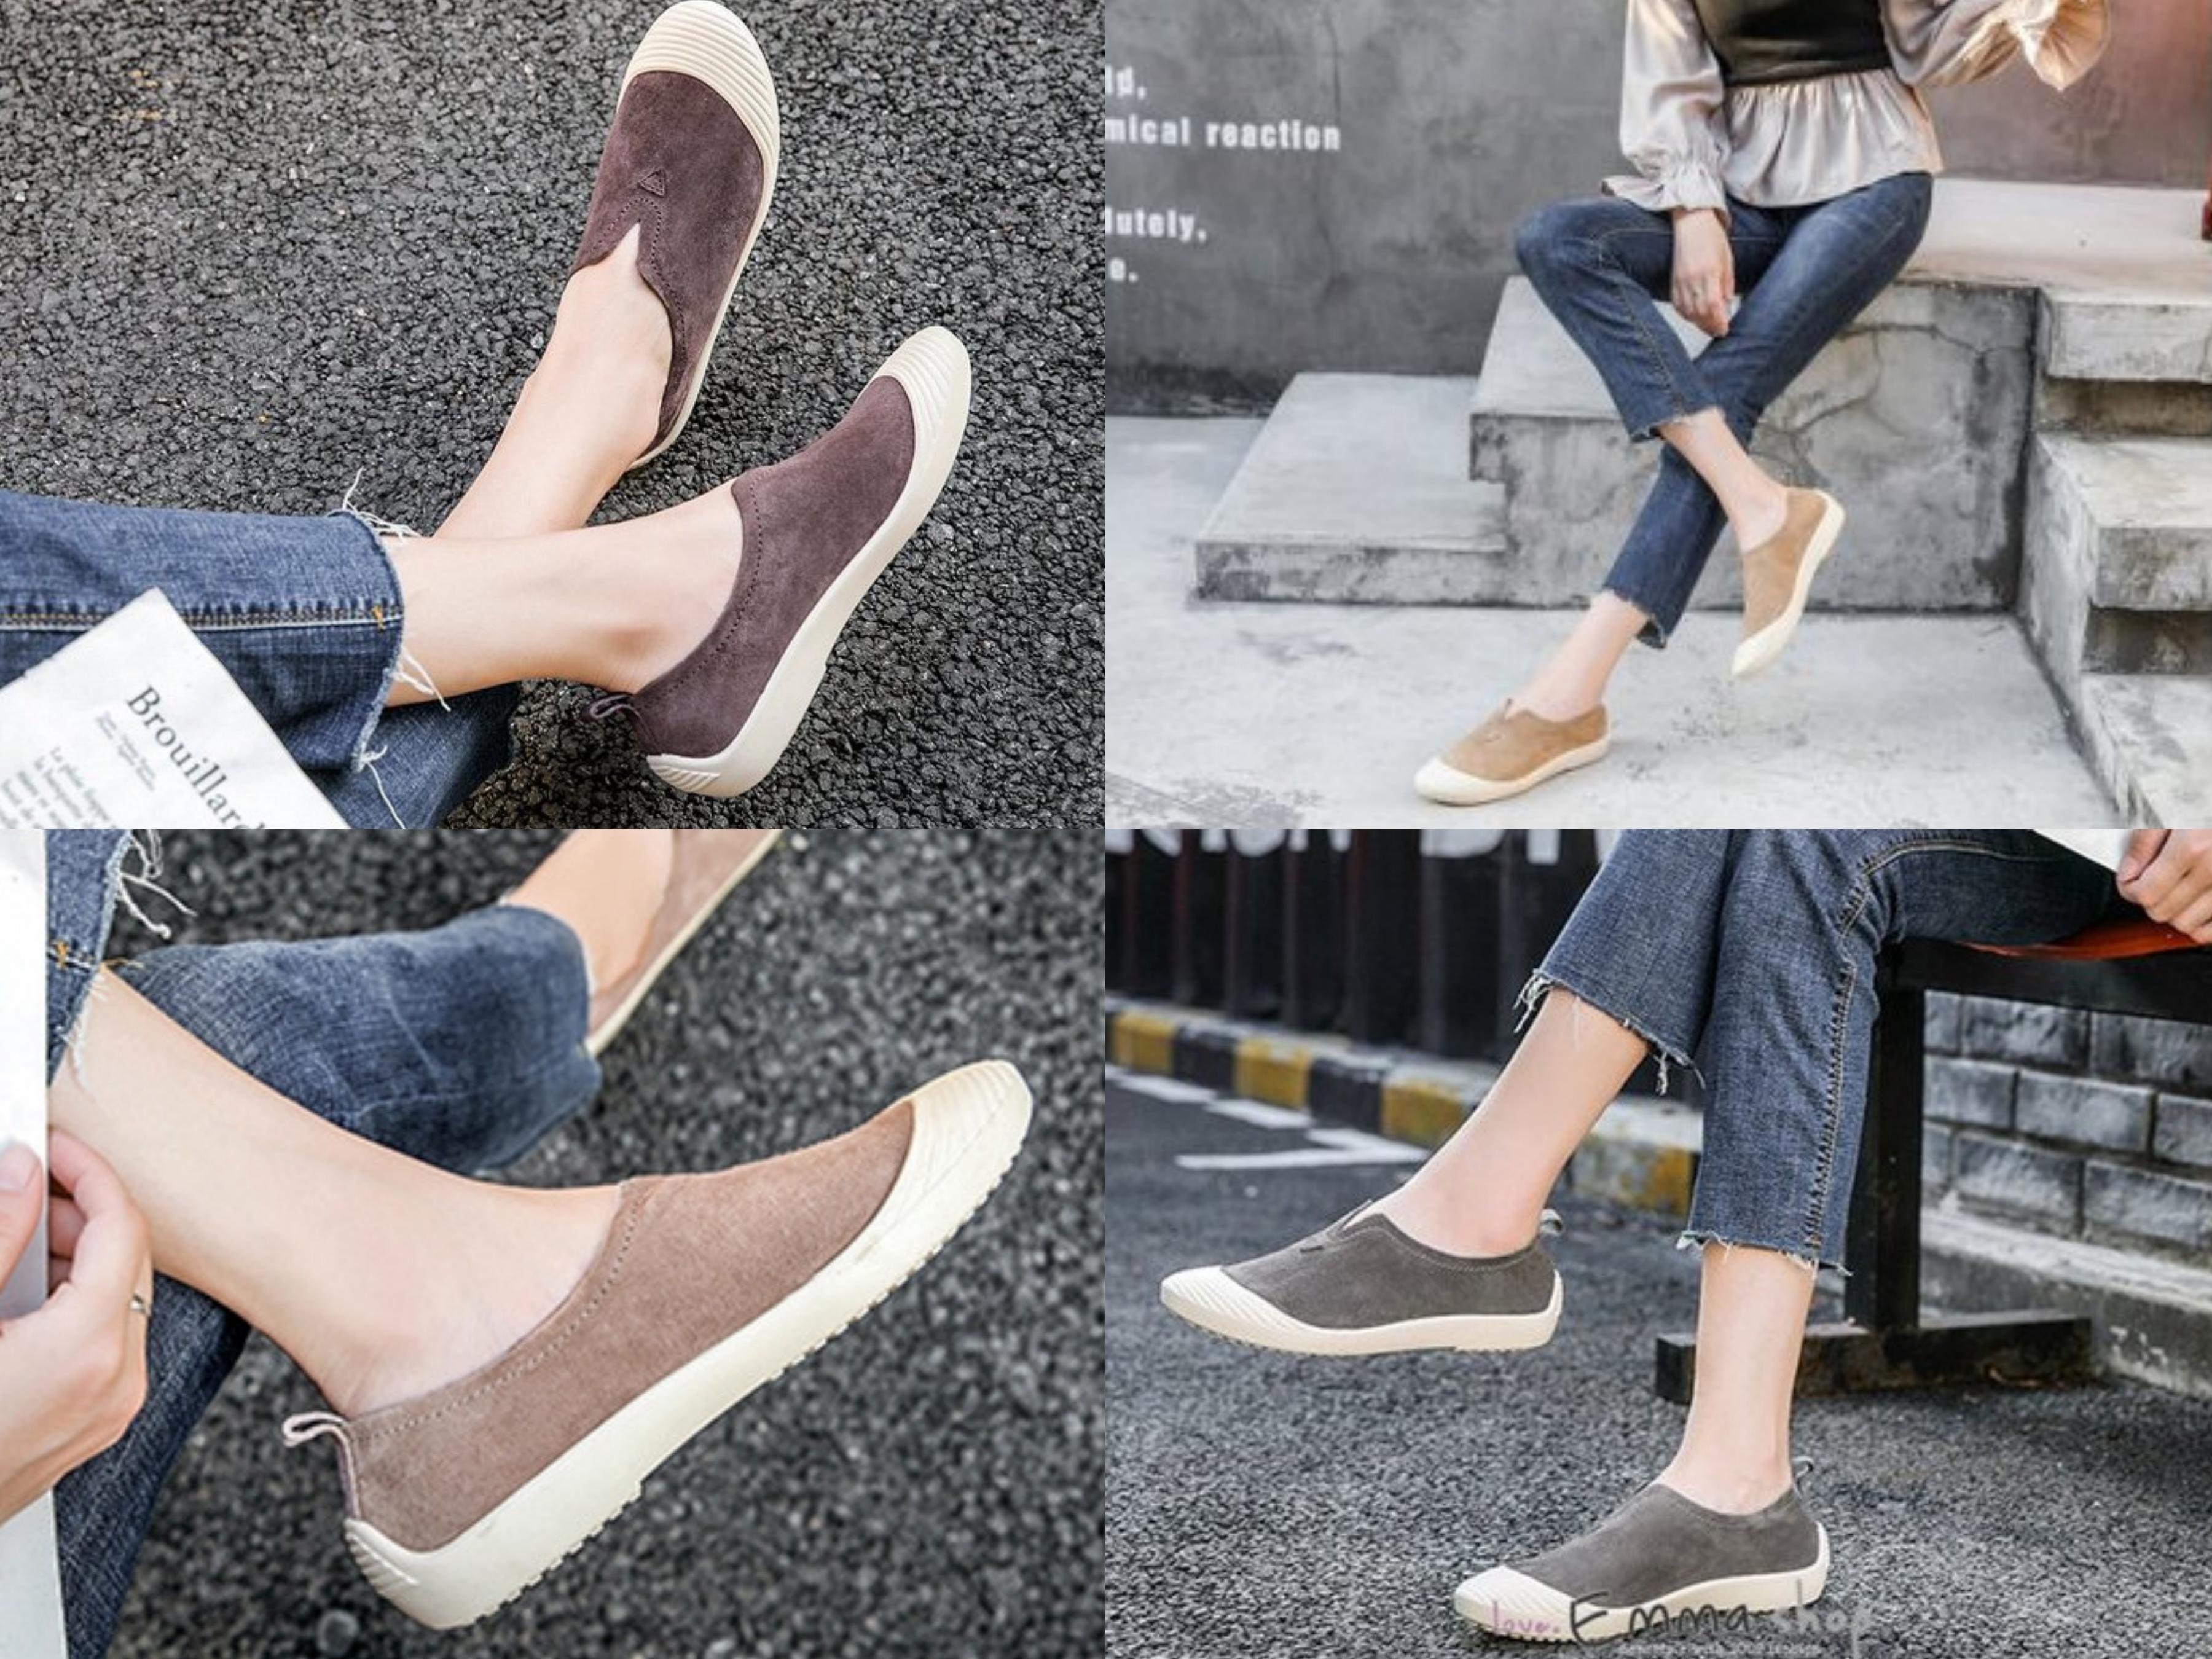 早秋新品正韓同步的熱銷款,好穿又好搭的真皮便鞋,不只做工用心、鞋型也很美